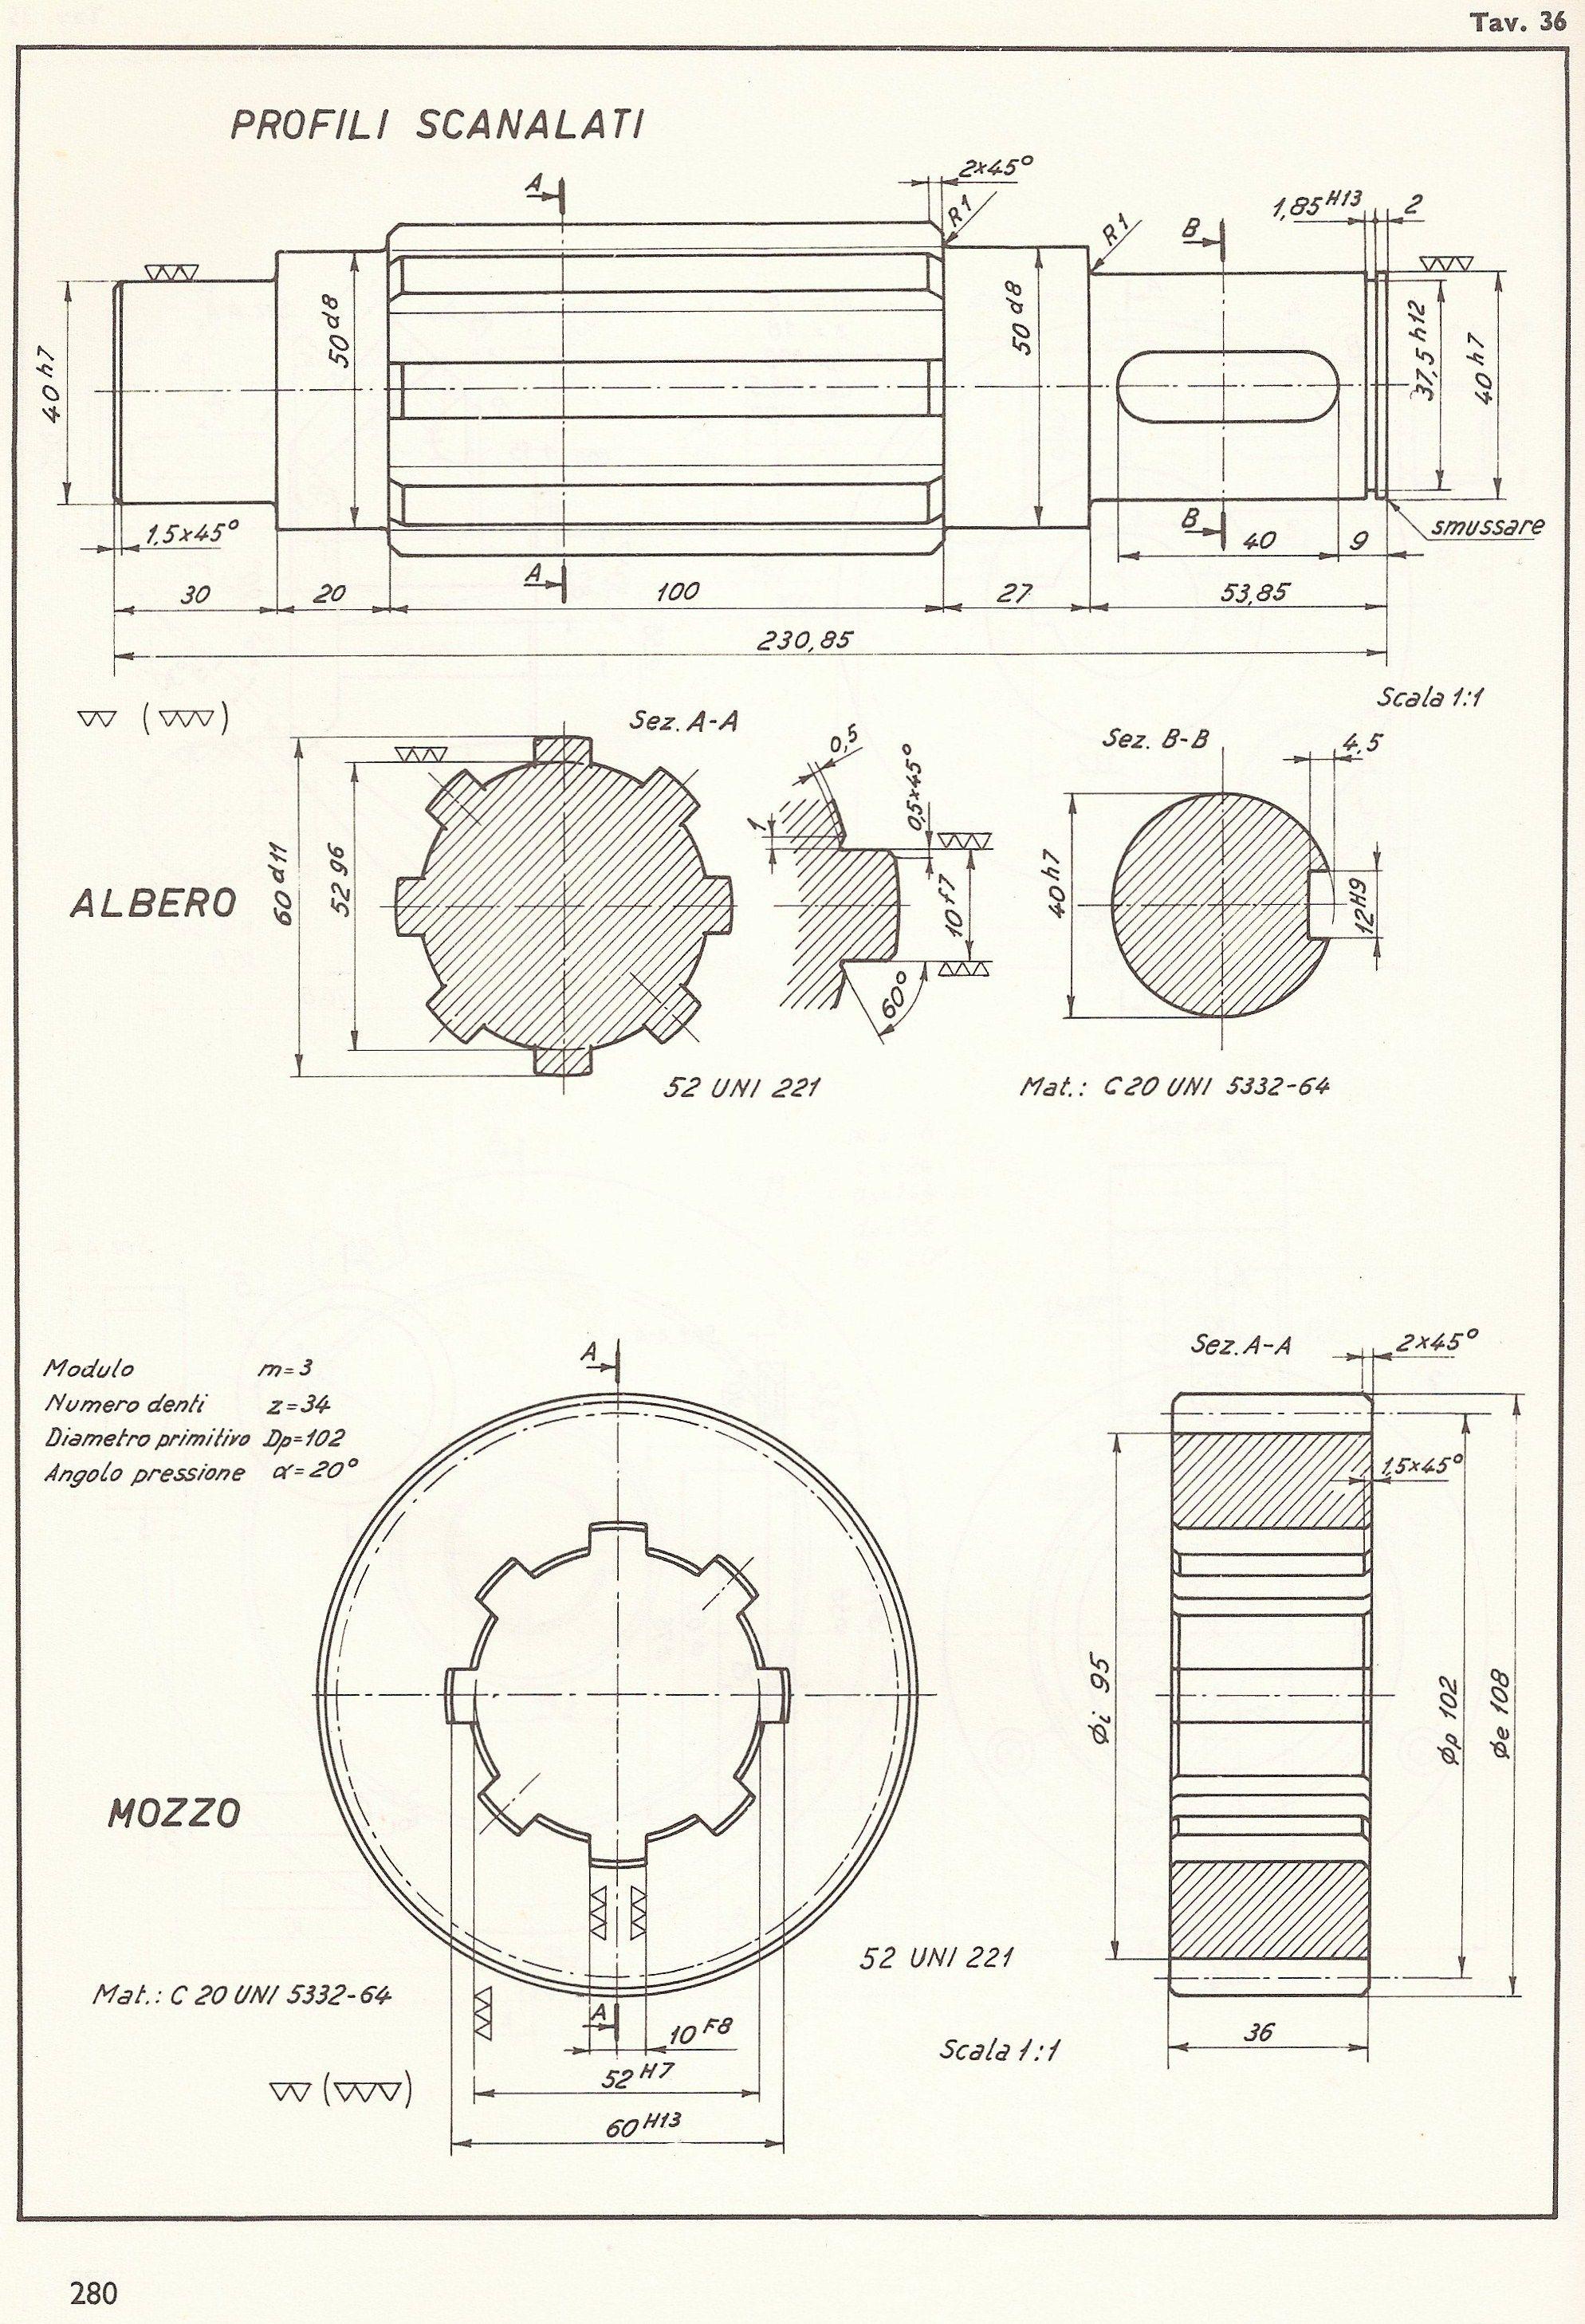 Pin By Daniel Kotze On Mechanical Engineering In